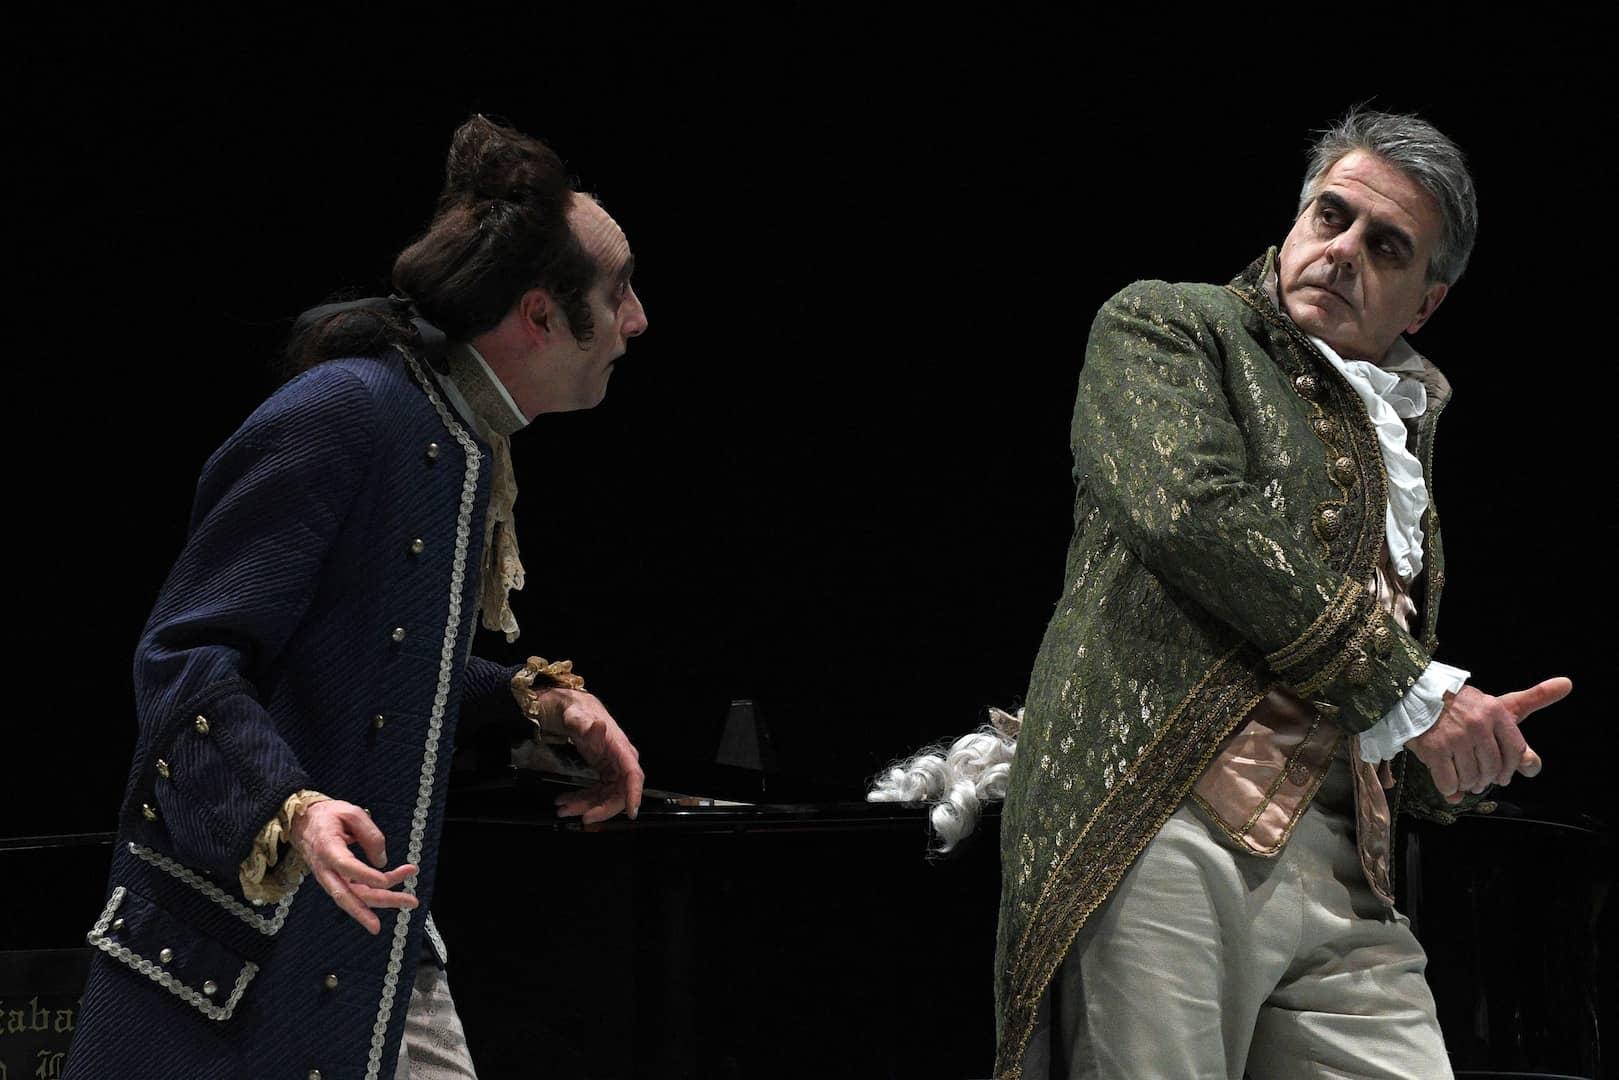 Conversando di teatro - Intrigo e amore